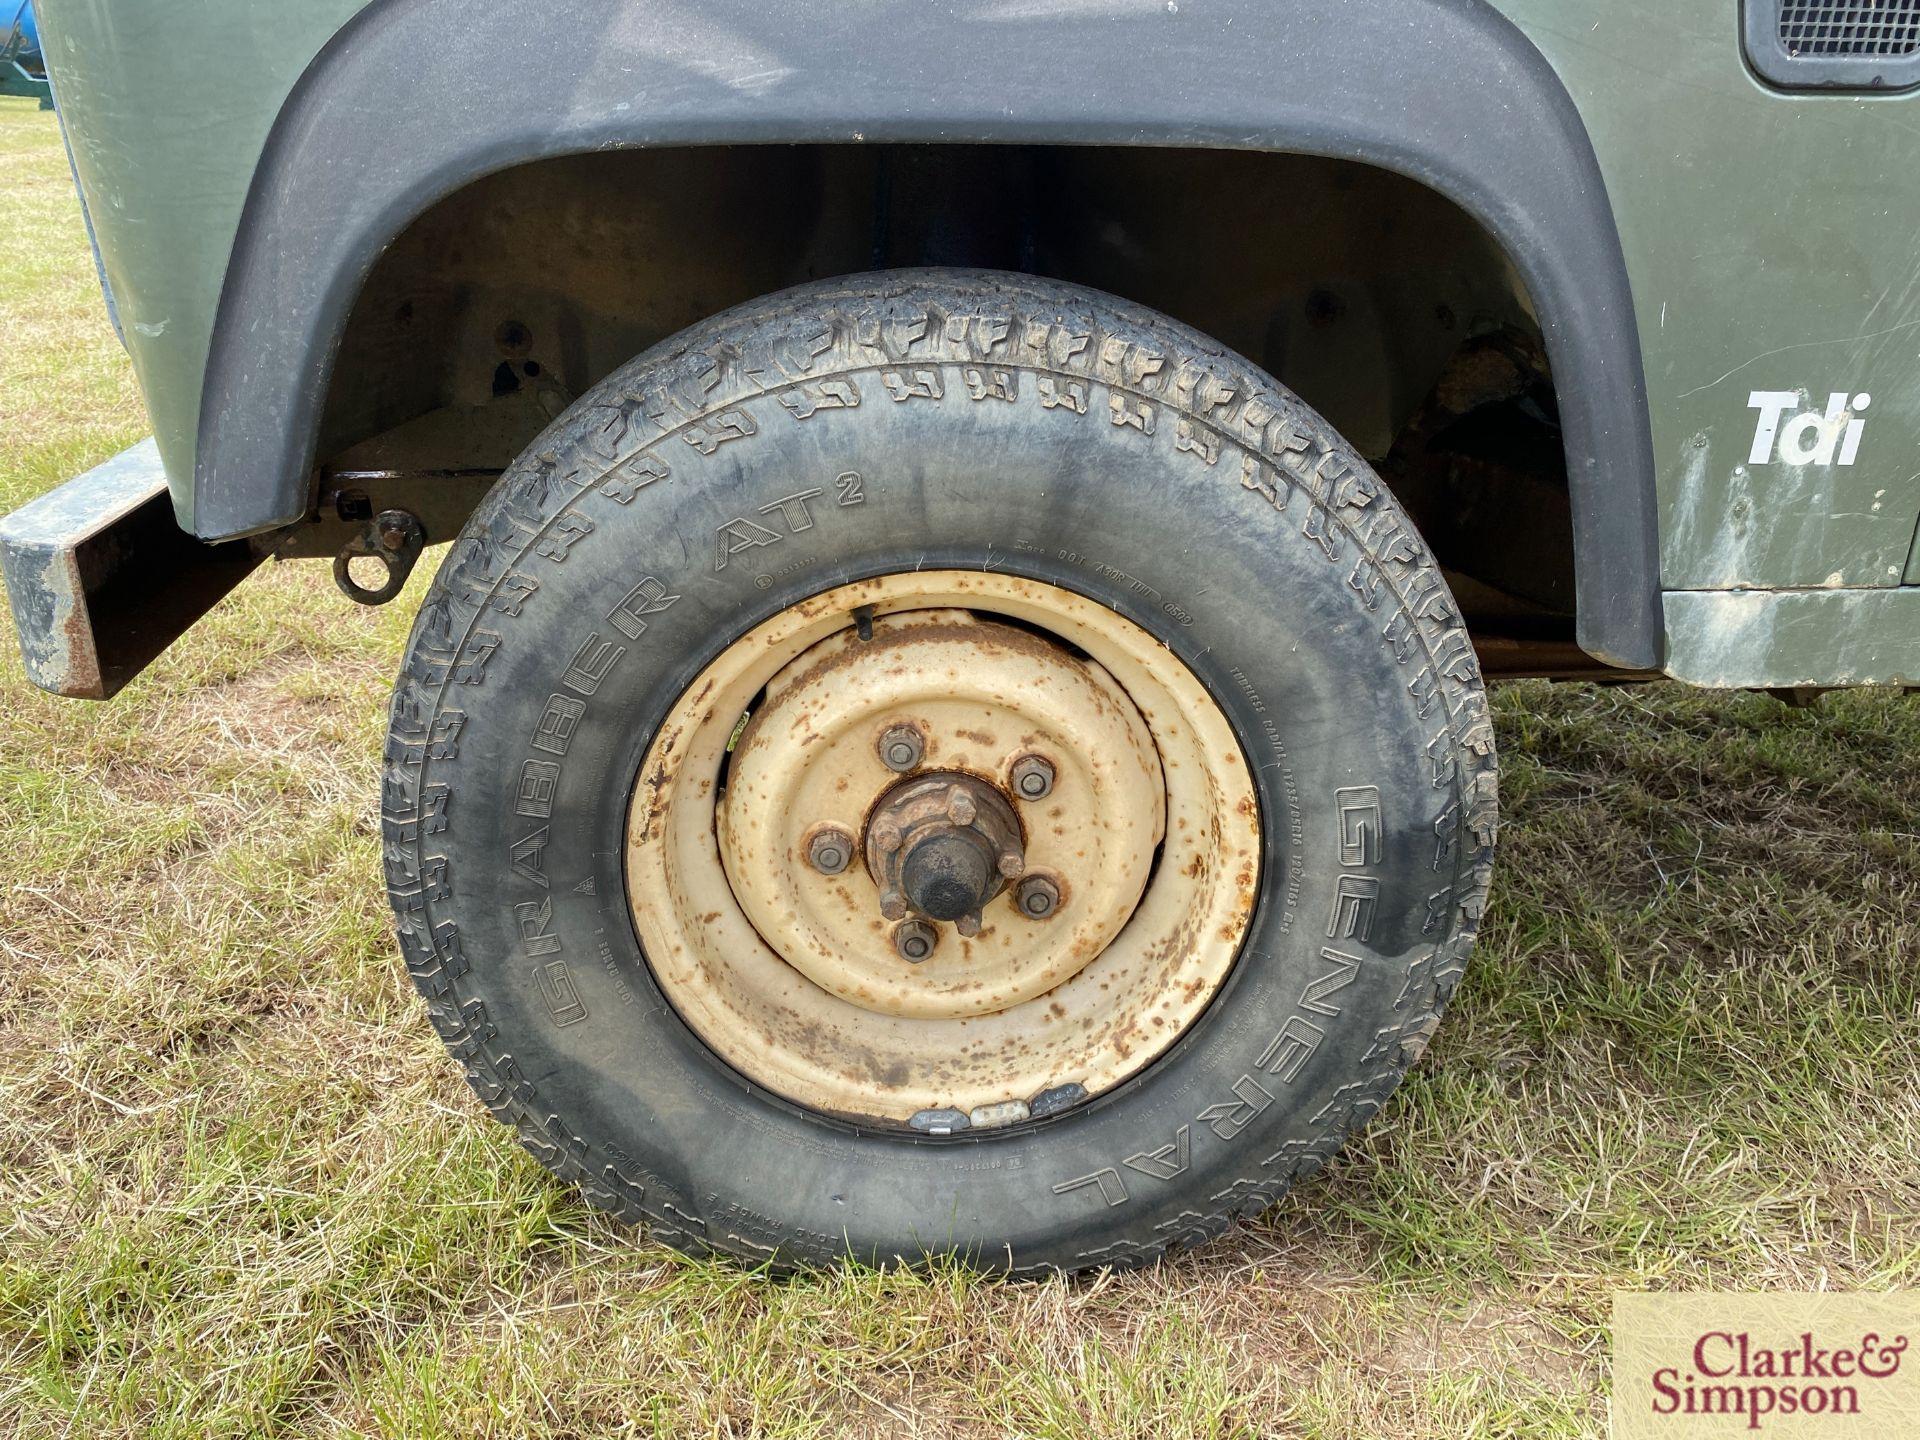 Land Rover Defender 110 single cab pick-up. Registration H317 OHK. Date of first registration 08/ - Image 13 of 56